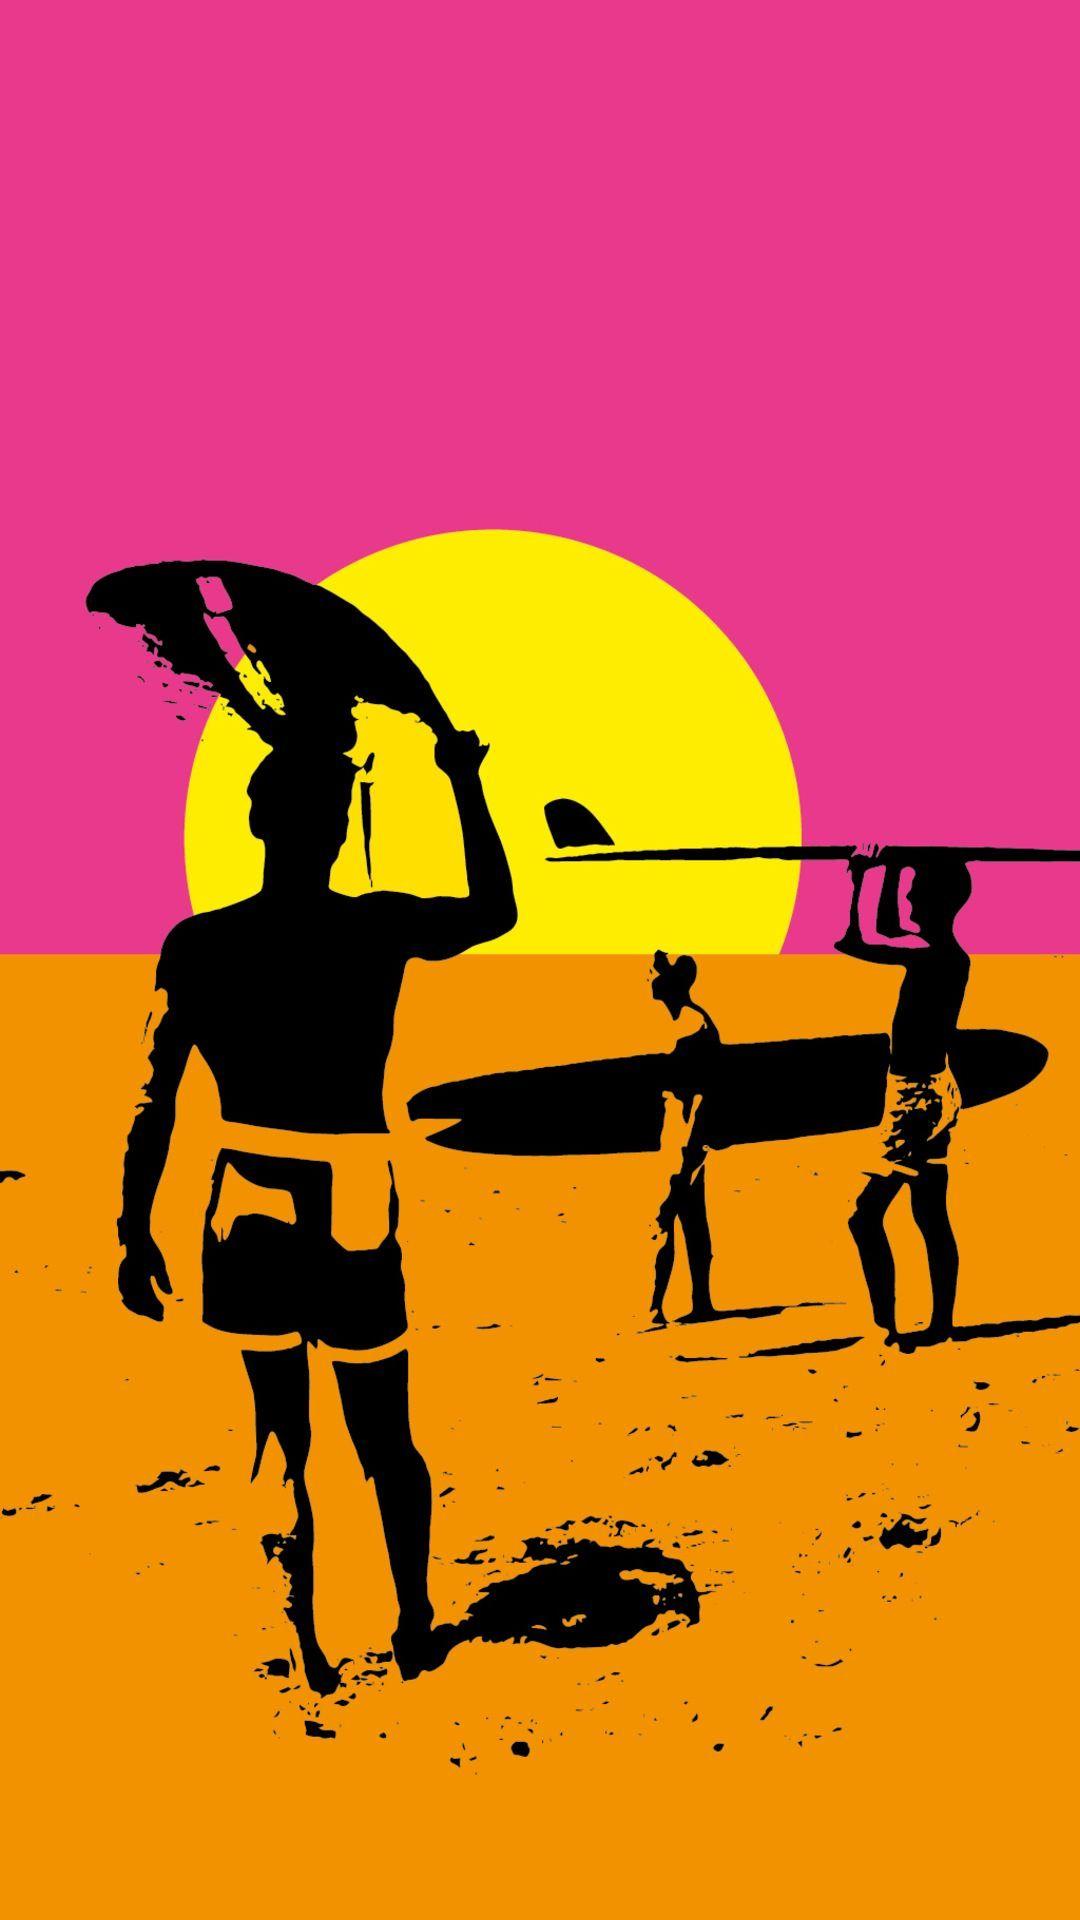 Surfing iPhone Wallpaper Surfing wallpaper Retro surf Surf art 1080x1920